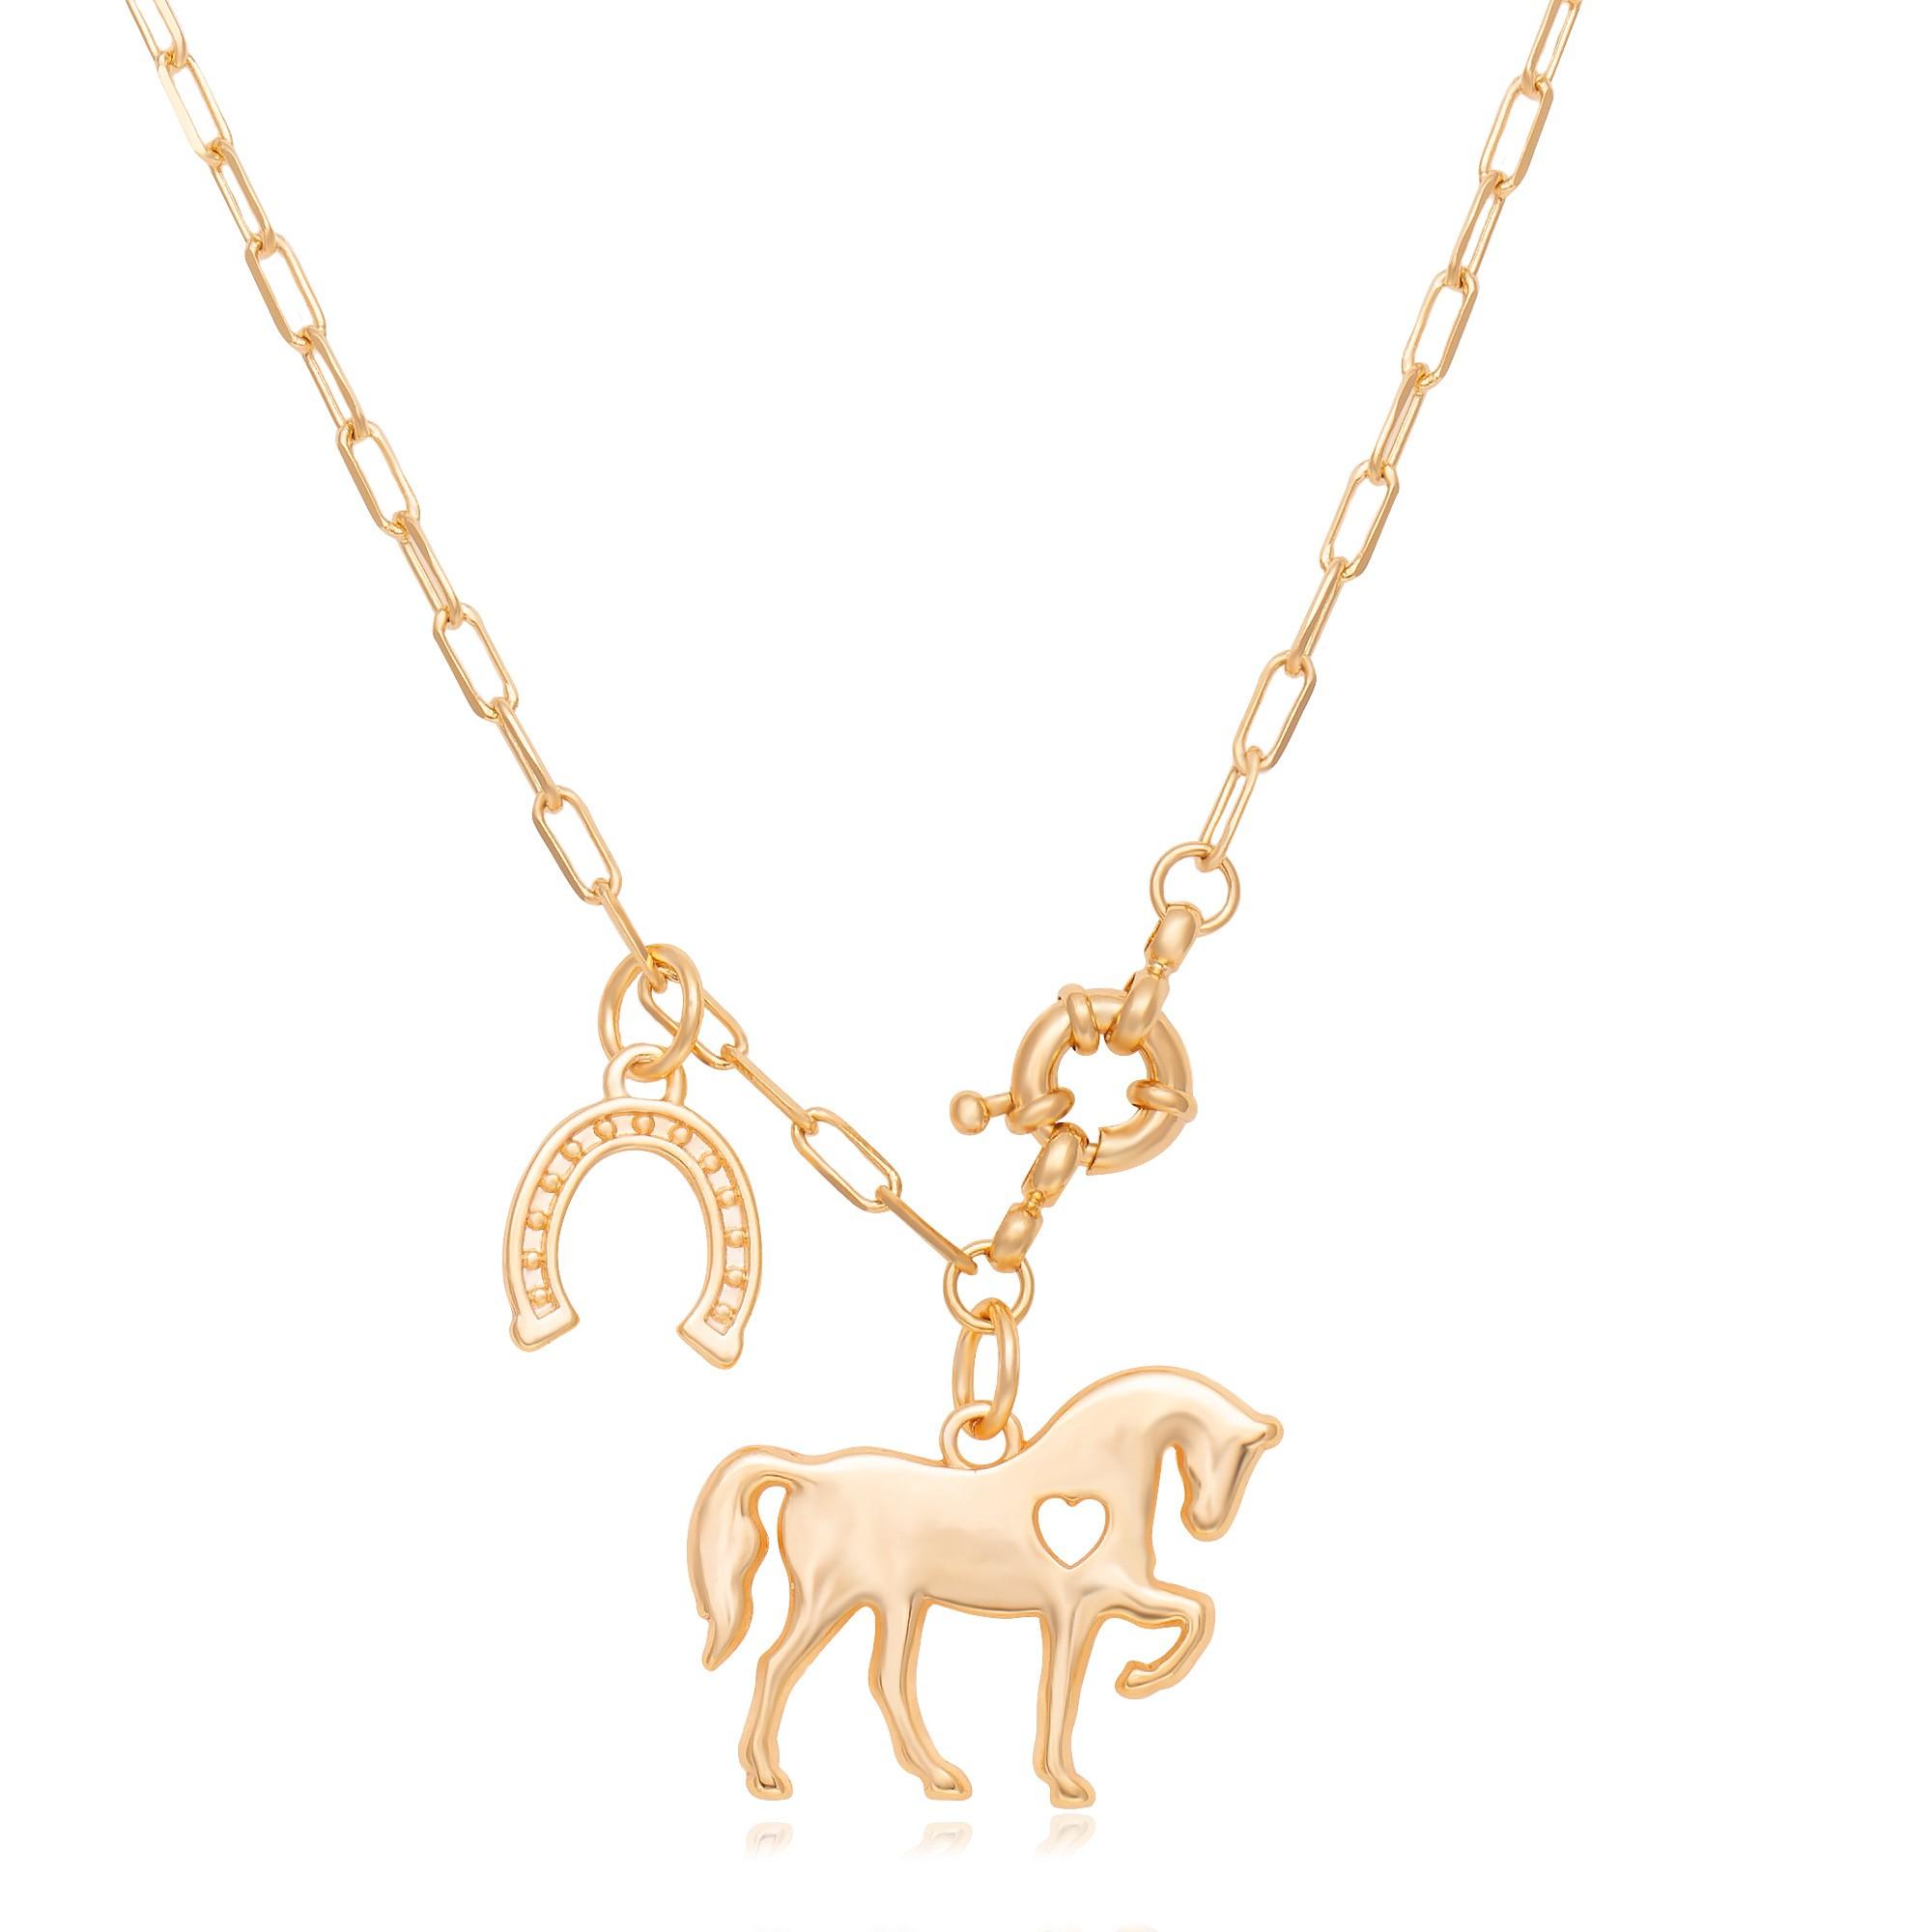 Colar cartier com pingente de cavalo e ferradura banhado a ouro 18k  - romabrazil.com.br